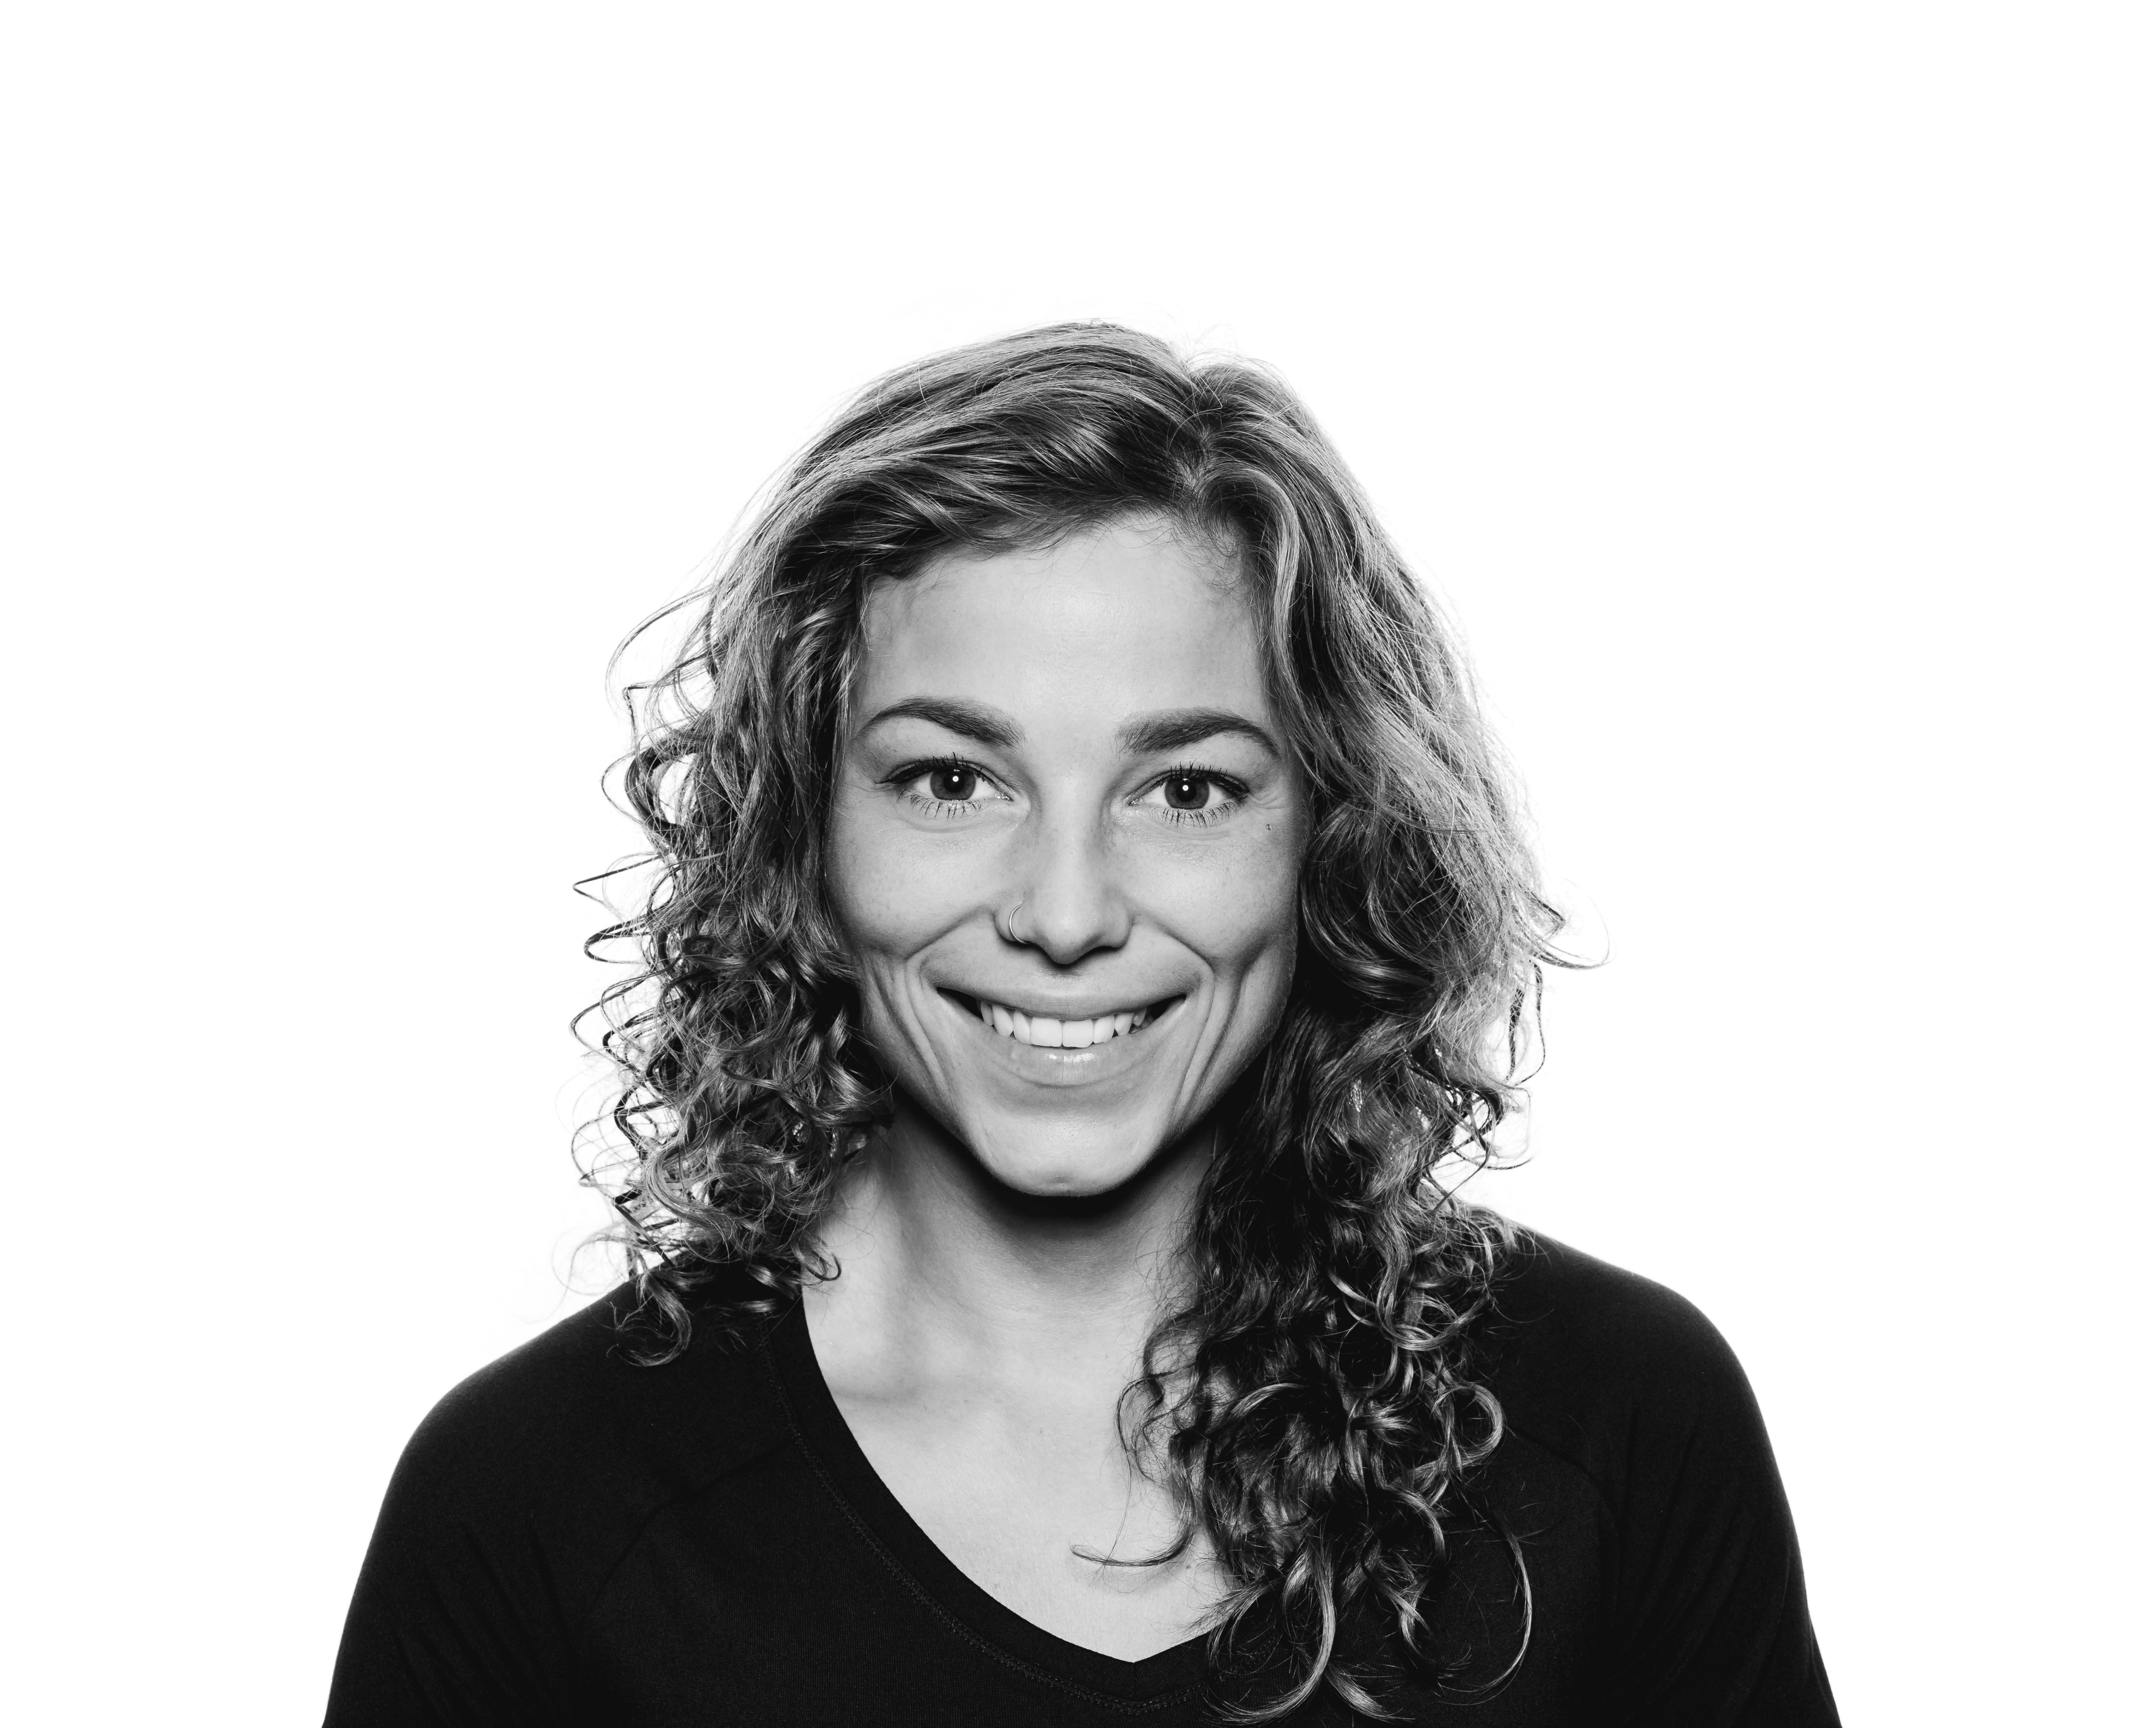 Hannah Maria Roos Lefmann